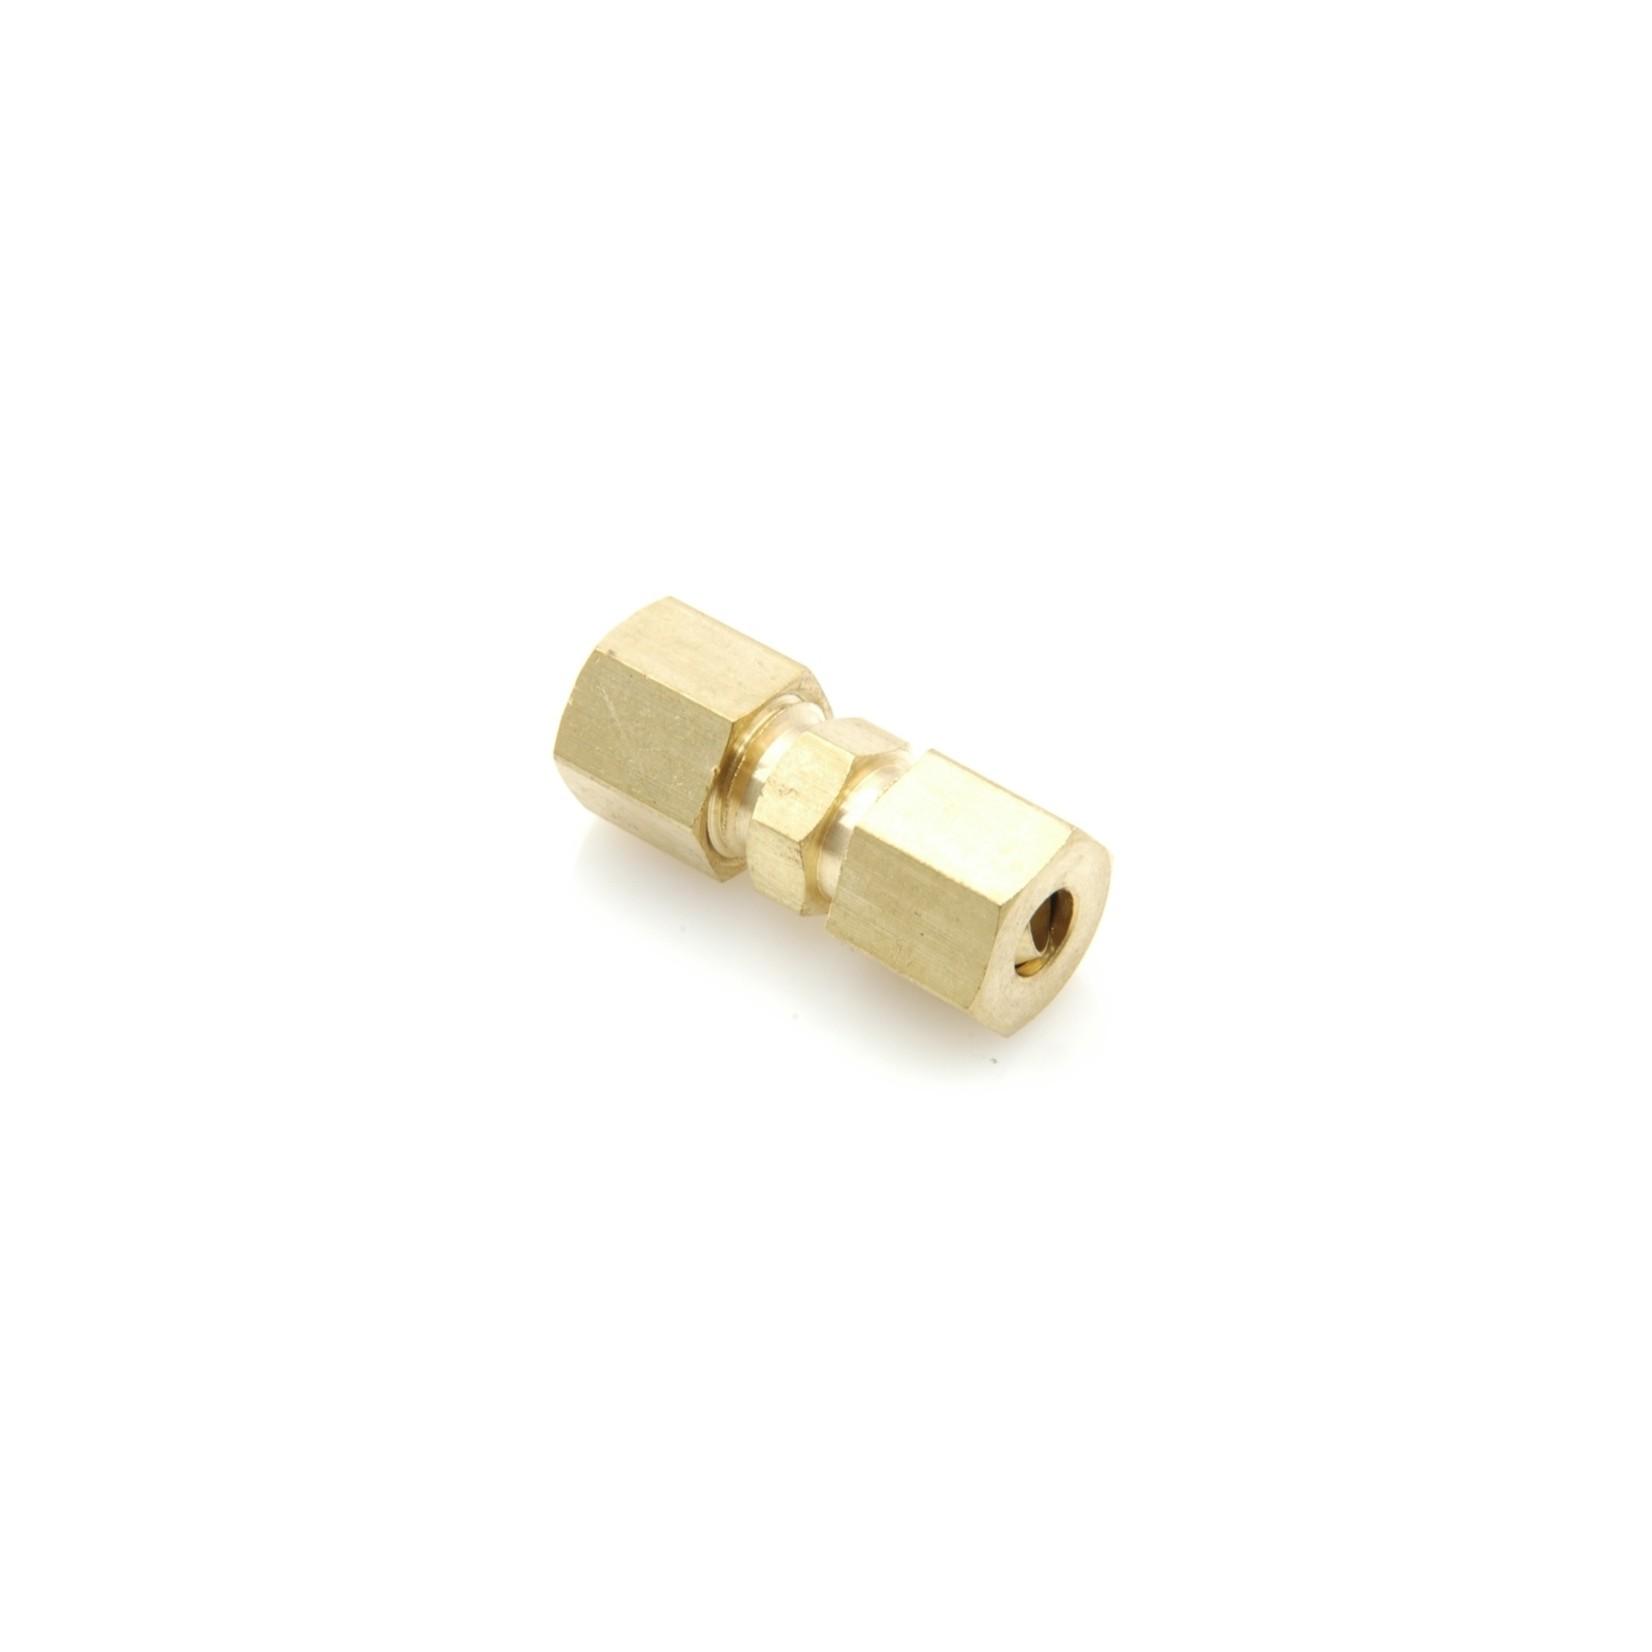 Knelkoppeling 3,5mm